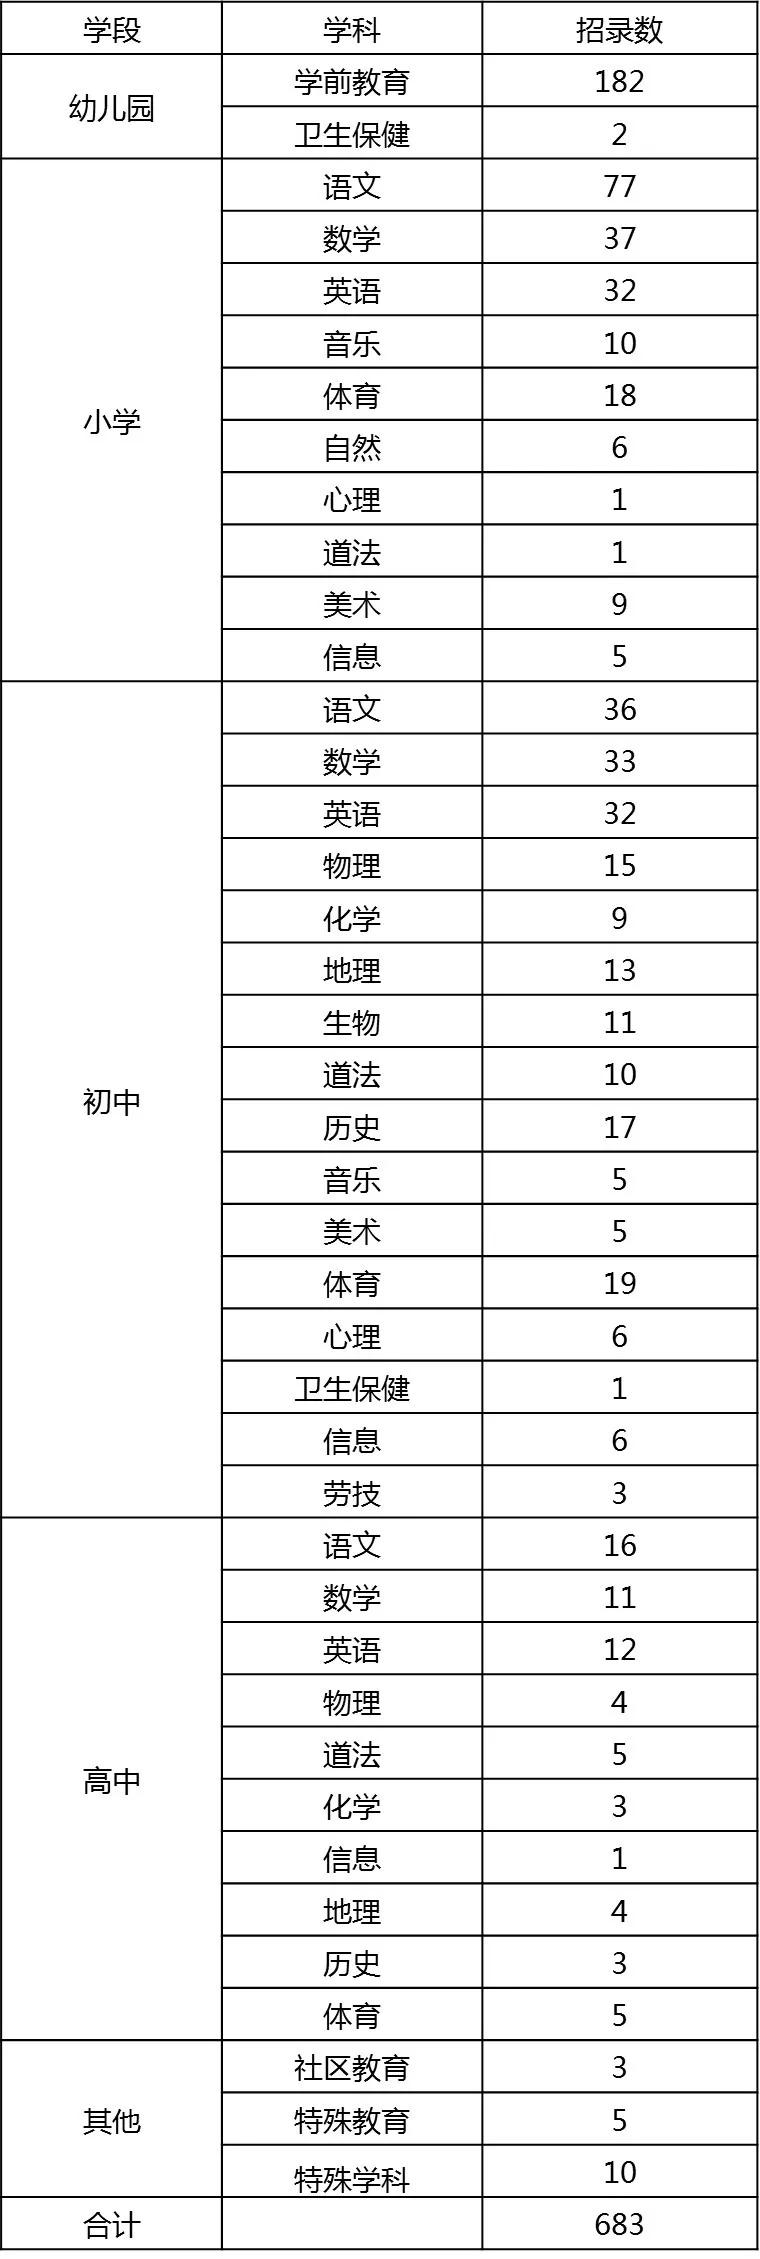 2021年上海闵行区教师招聘公告